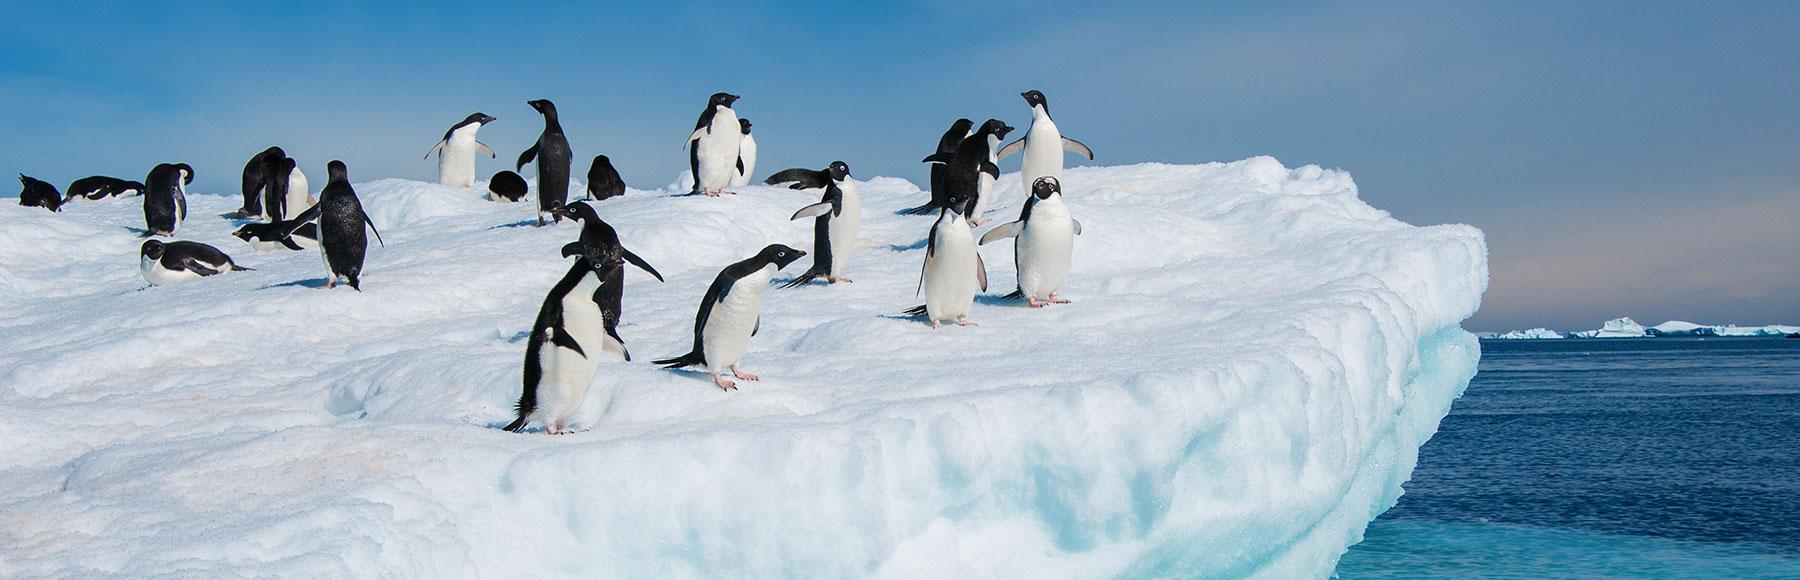 banner-frozen-land-of-penguins-jpg